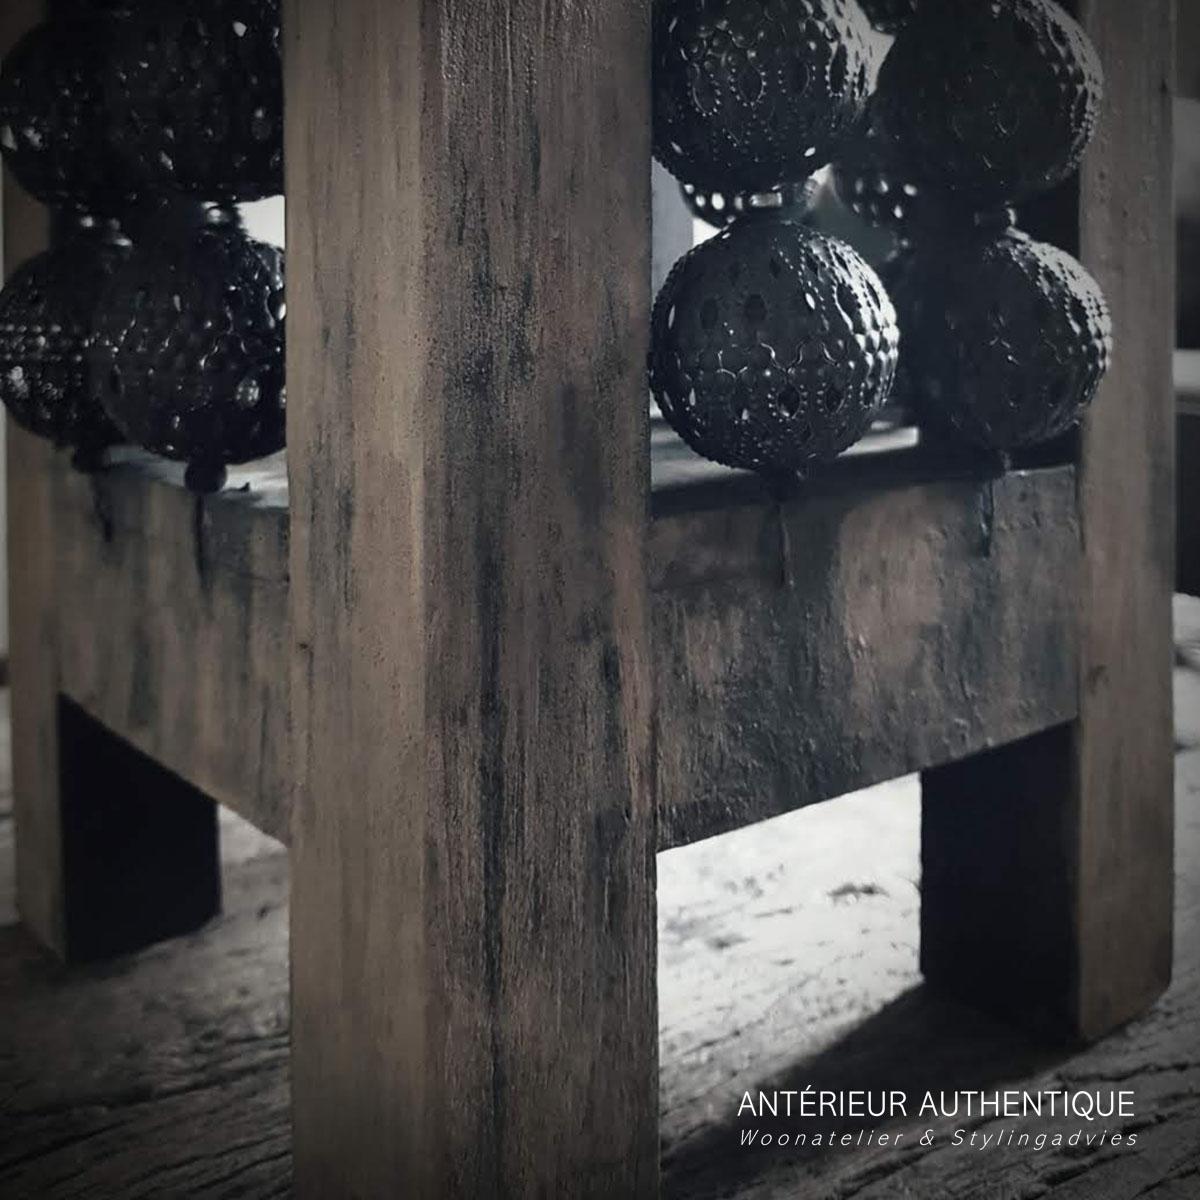 Close up afbeelding van windlicht oud teak voor gebruik in de Antérieur Authentique webshop